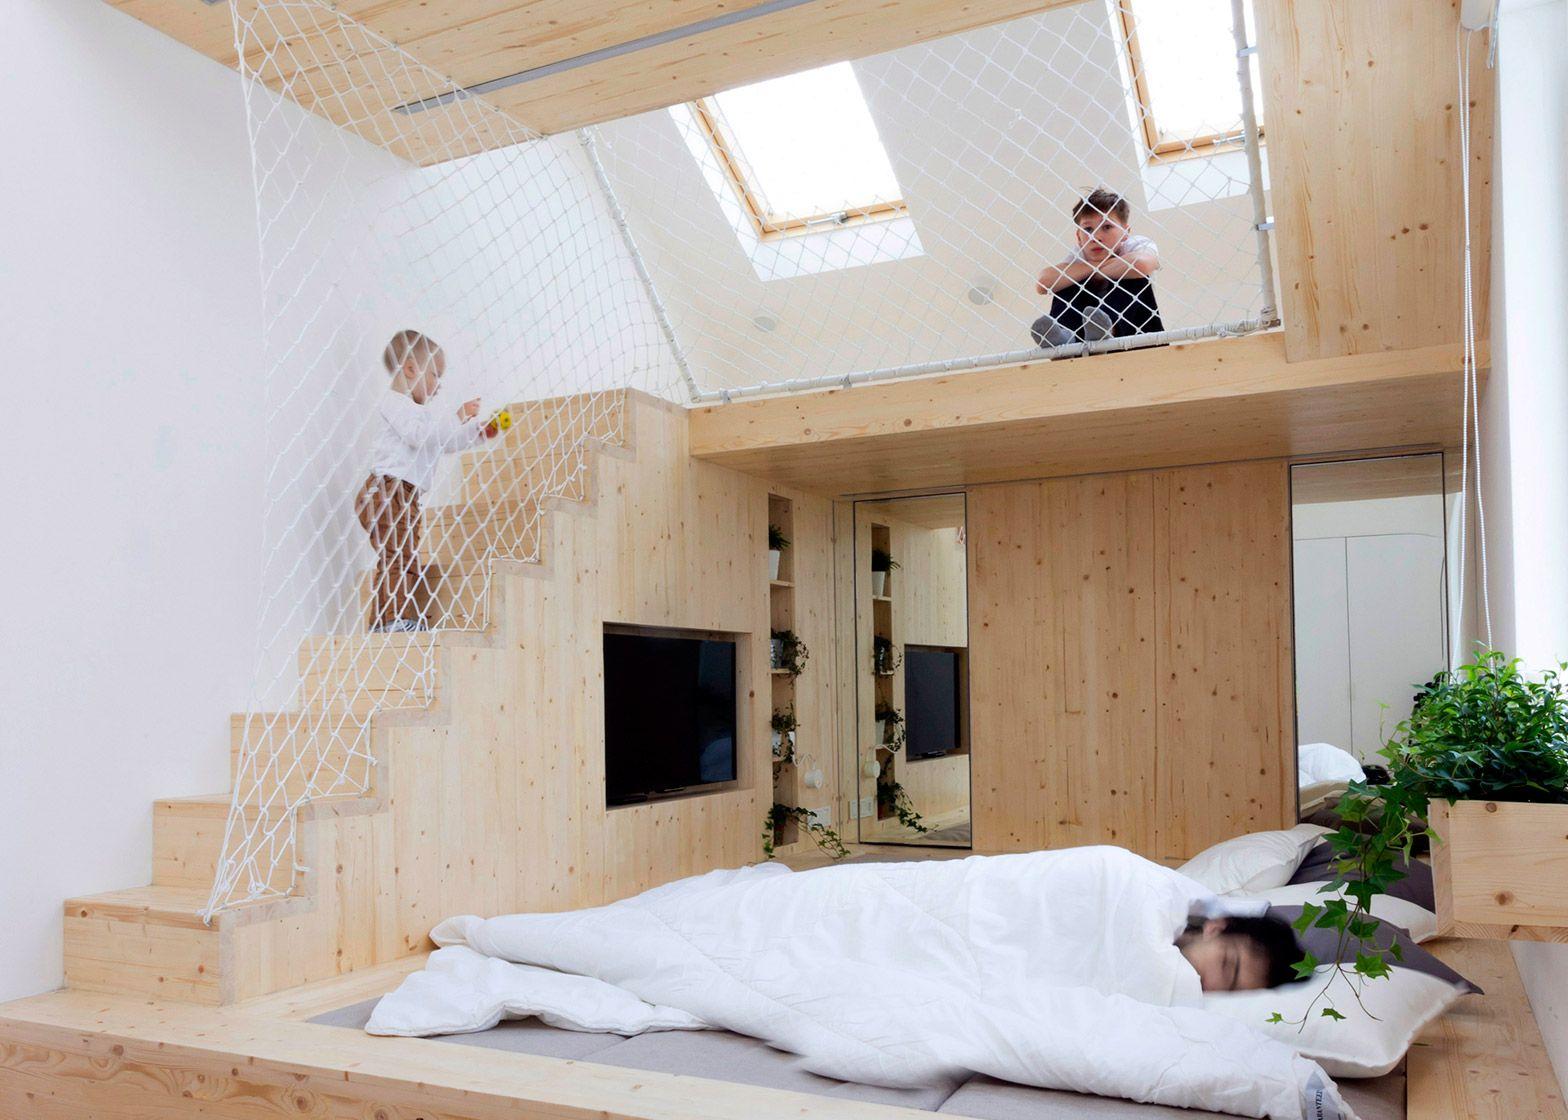 Door dit kinderparadijs ín de slaapkamer kunnen de ouders lekker